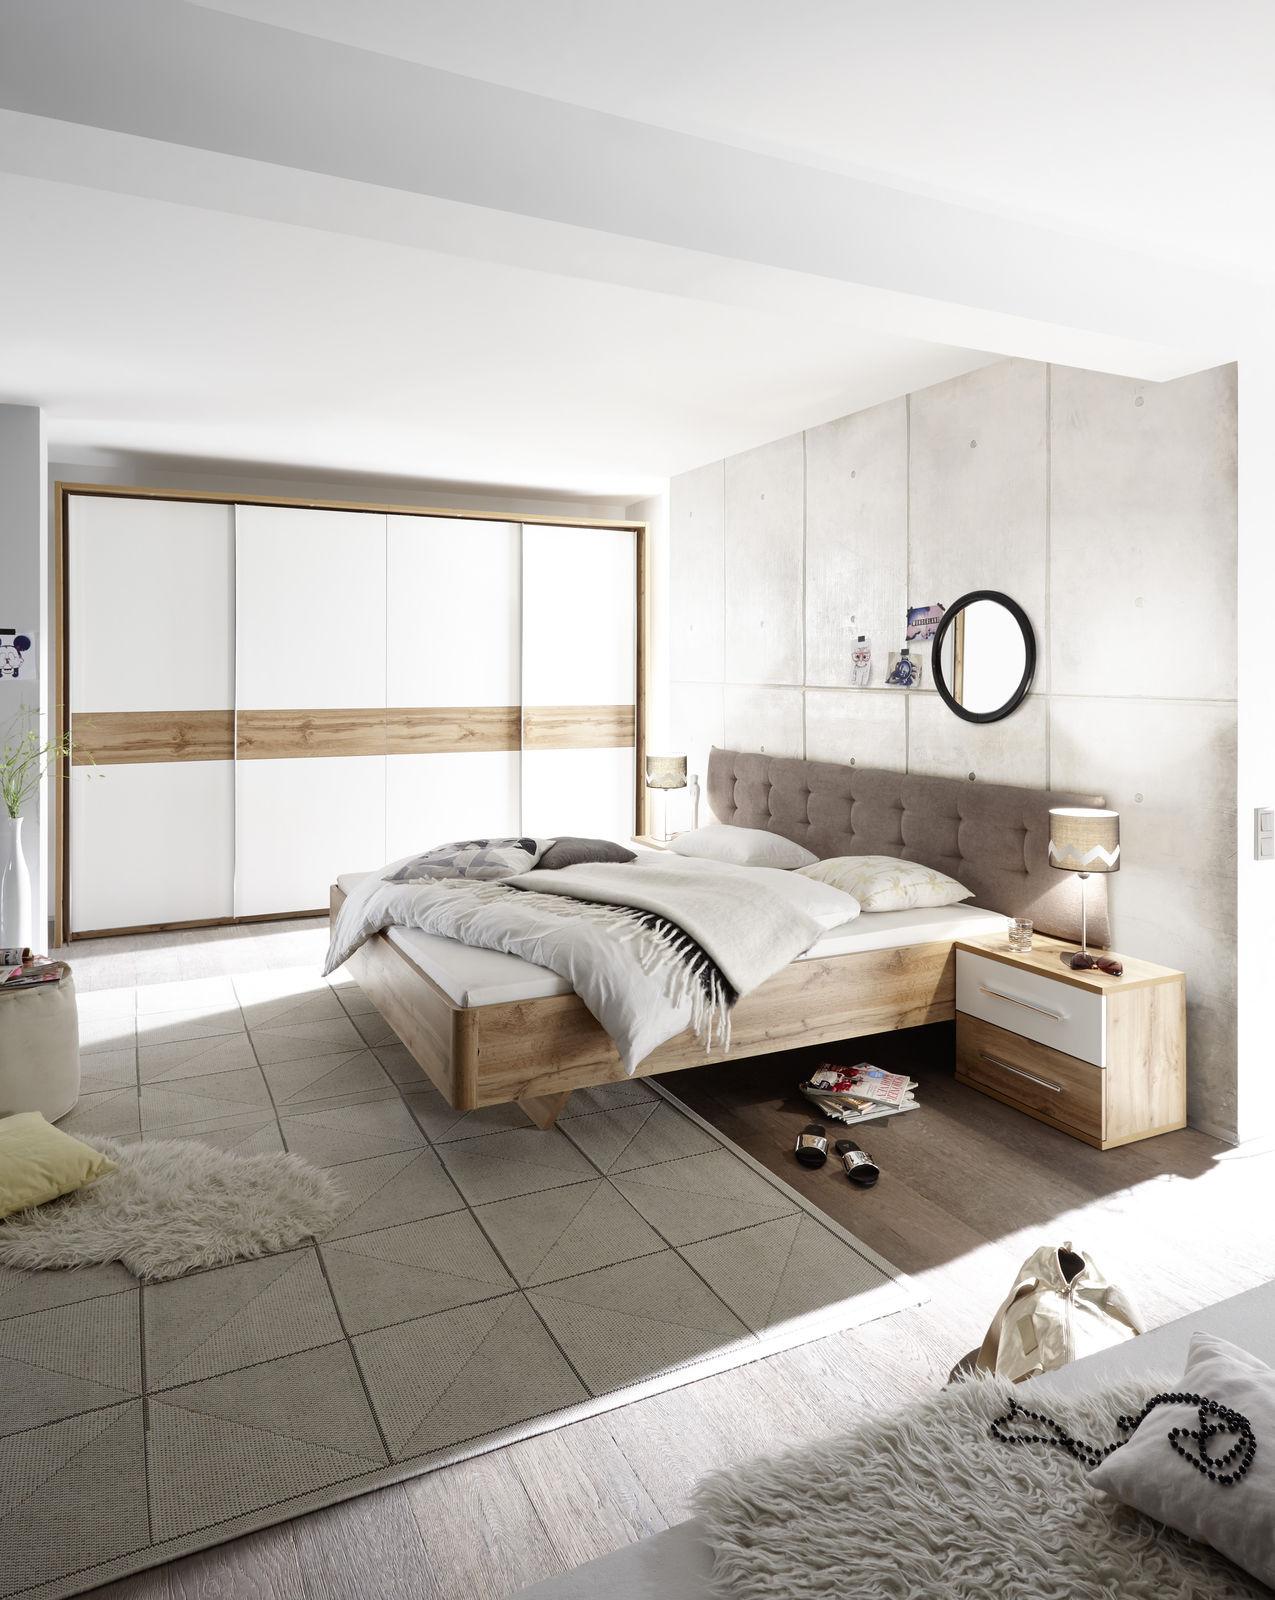 Full Size of Schlafzimmer Komplettangebote Italienische Ikea Otto Poco Betten Mehr Als 10000 Angebote Teppich Deckenleuchten Schranksysteme Lampe Kommode Weiß Kronleuchter Schlafzimmer Schlafzimmer Komplettangebote